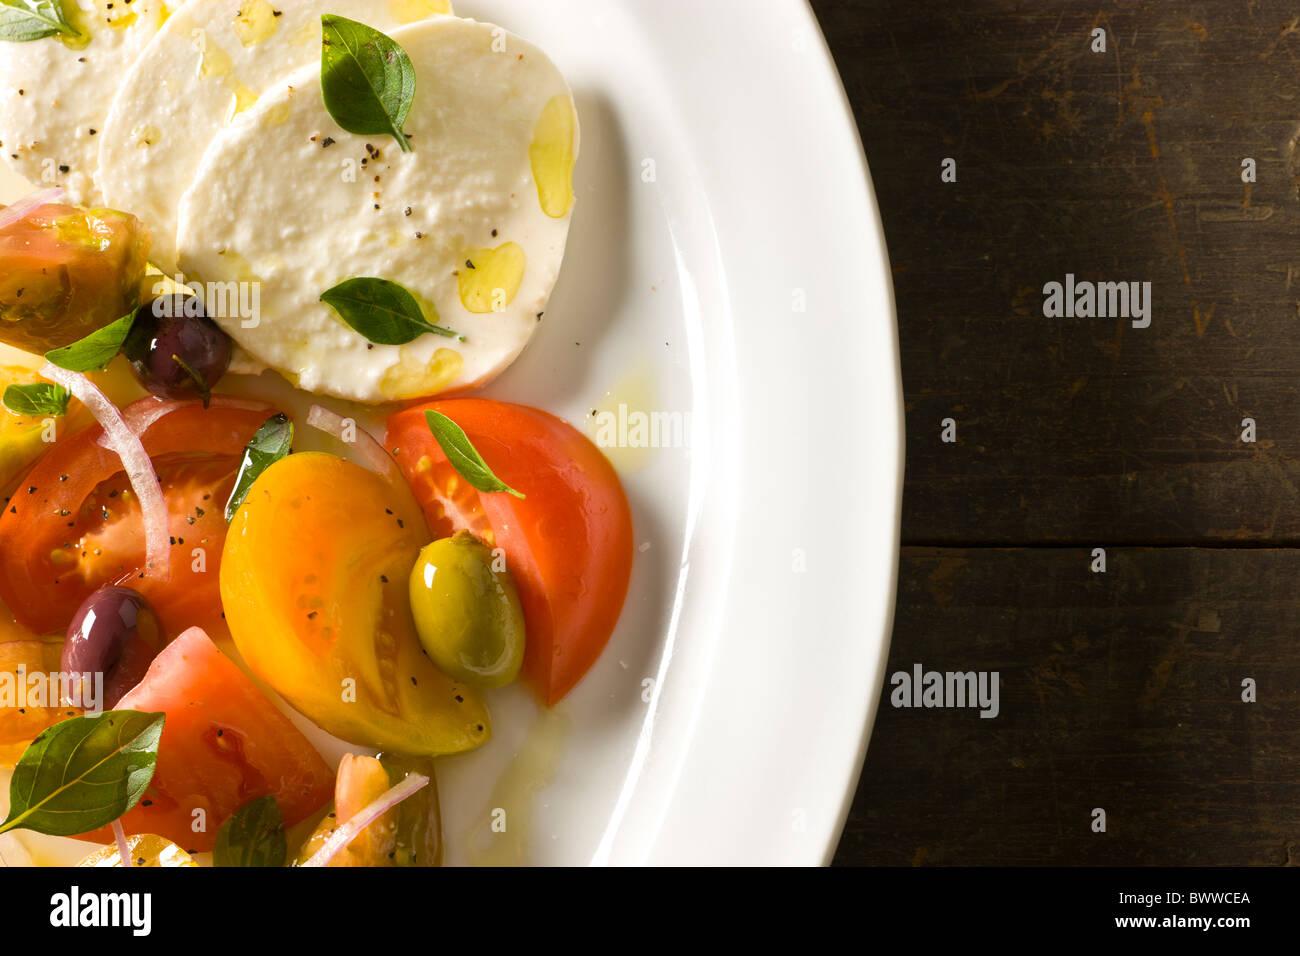 Mozzarella con pomodoro e varietà di olivo, olio di oliva e origano fresco Immagini Stock